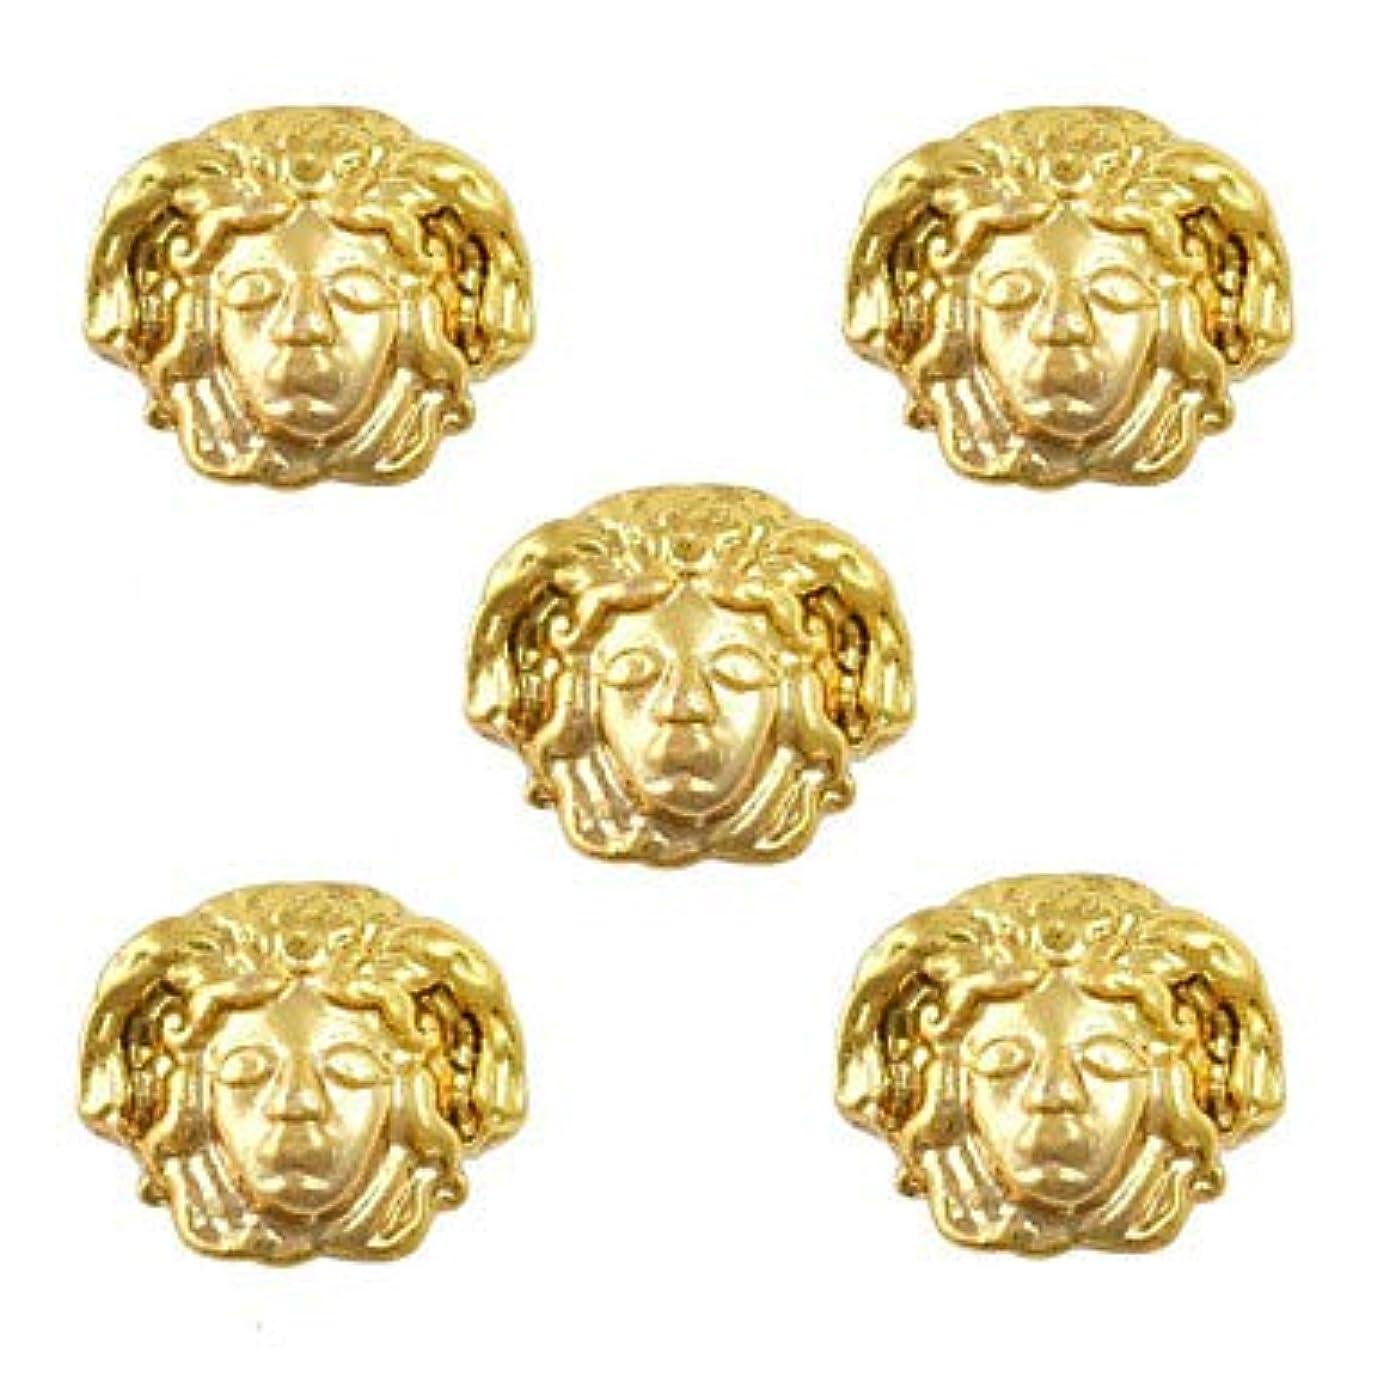 フラグラントスリットステートメント美容エジプトスタイルゴールドネイルチャーム3Dメタルネイルアートデコレーションアクセサリー用品ツール